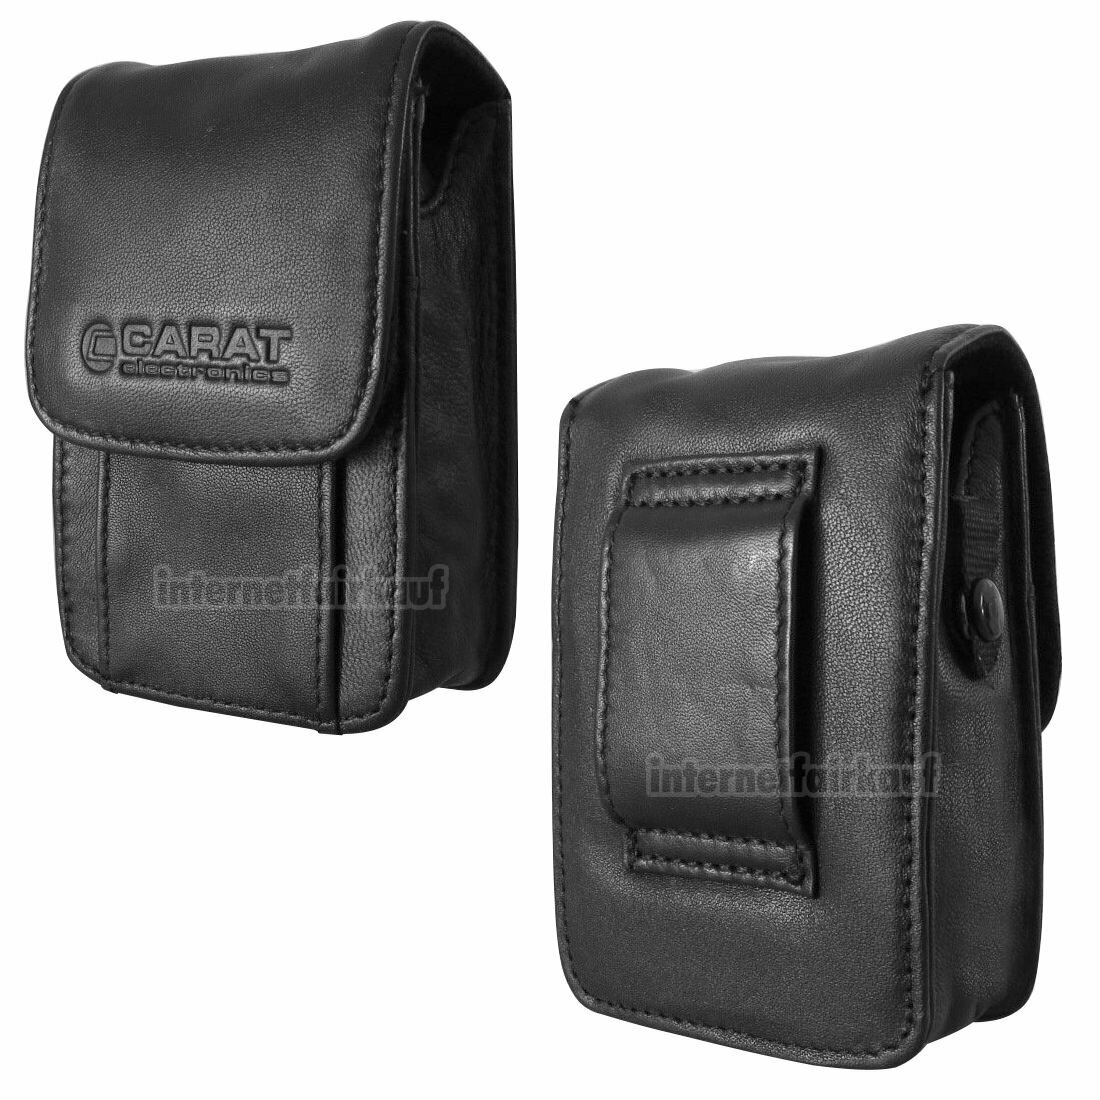 Tasche Kameratasche passend für Panasonic DMC-FT6 FT5 FT4 FT3 Etui